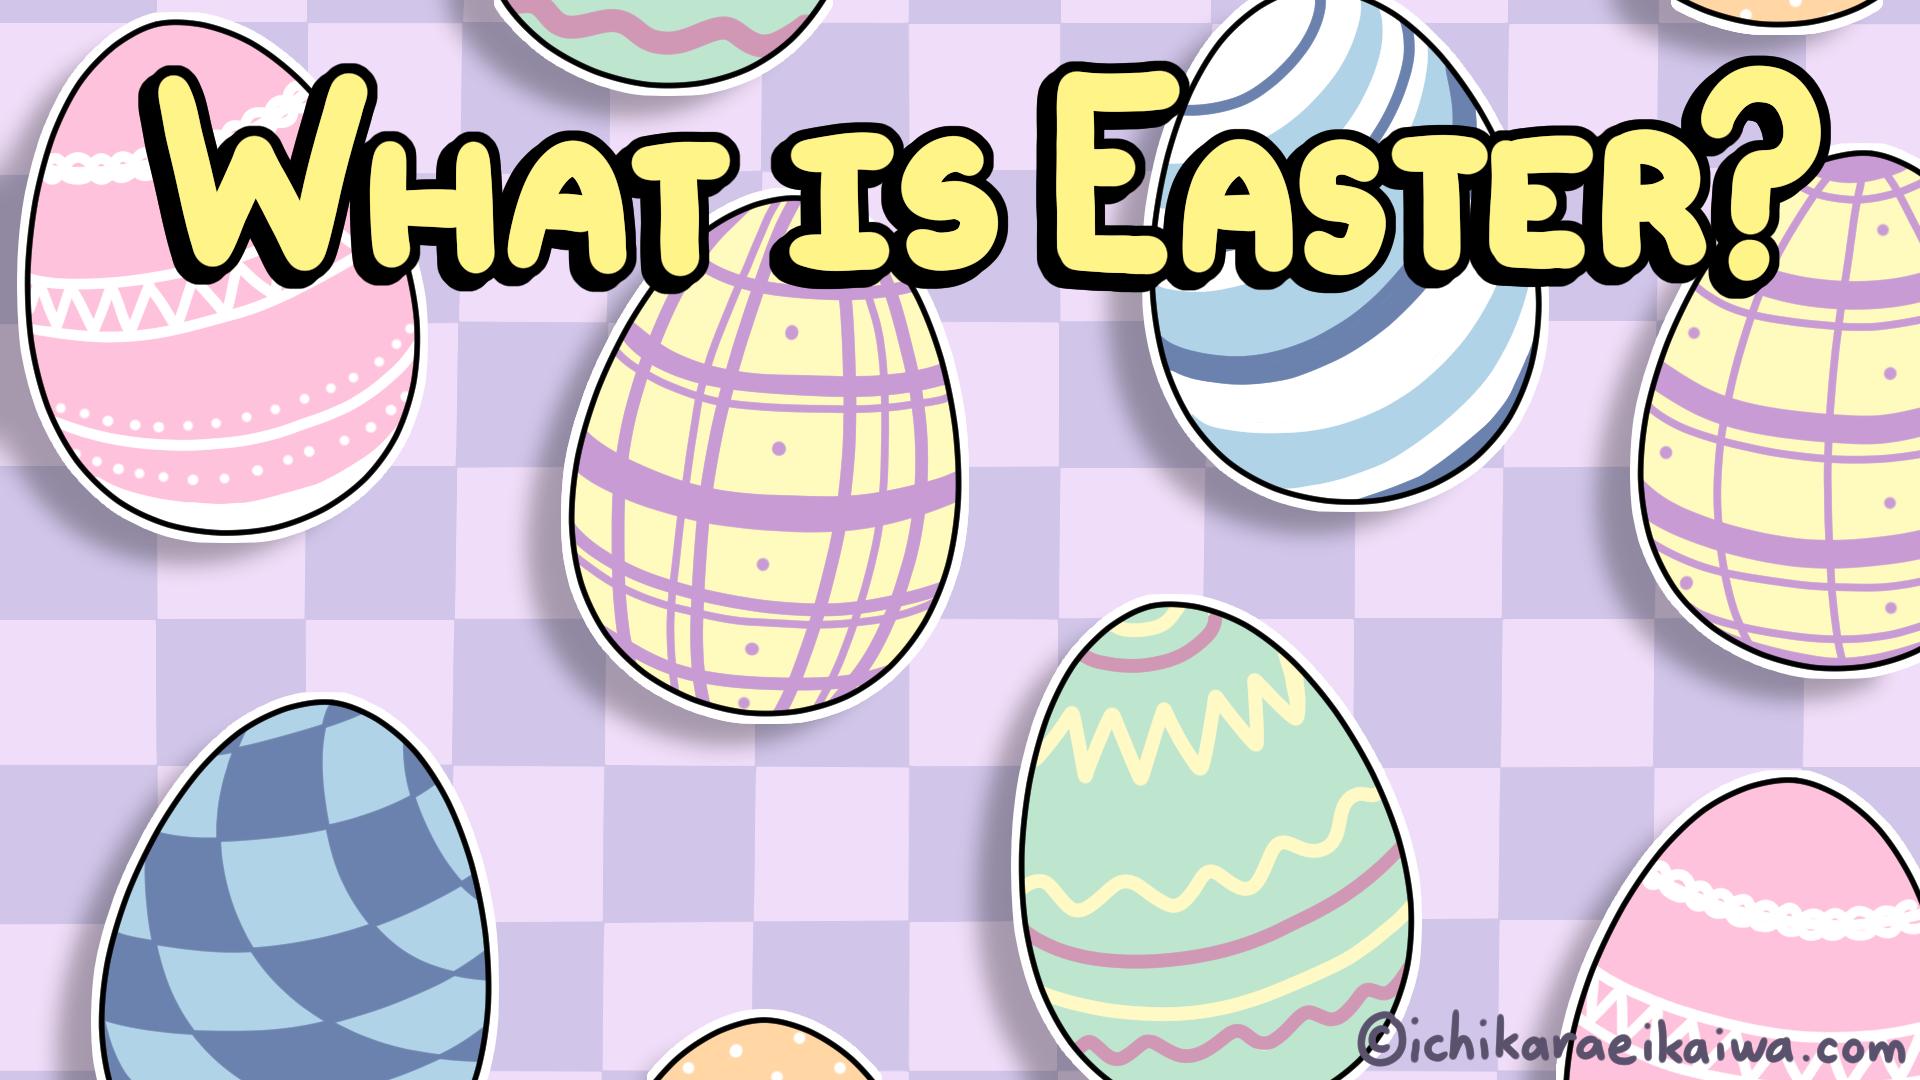 色とりどりのイースターエッグと、「What is Easter?」という記事のタイトル